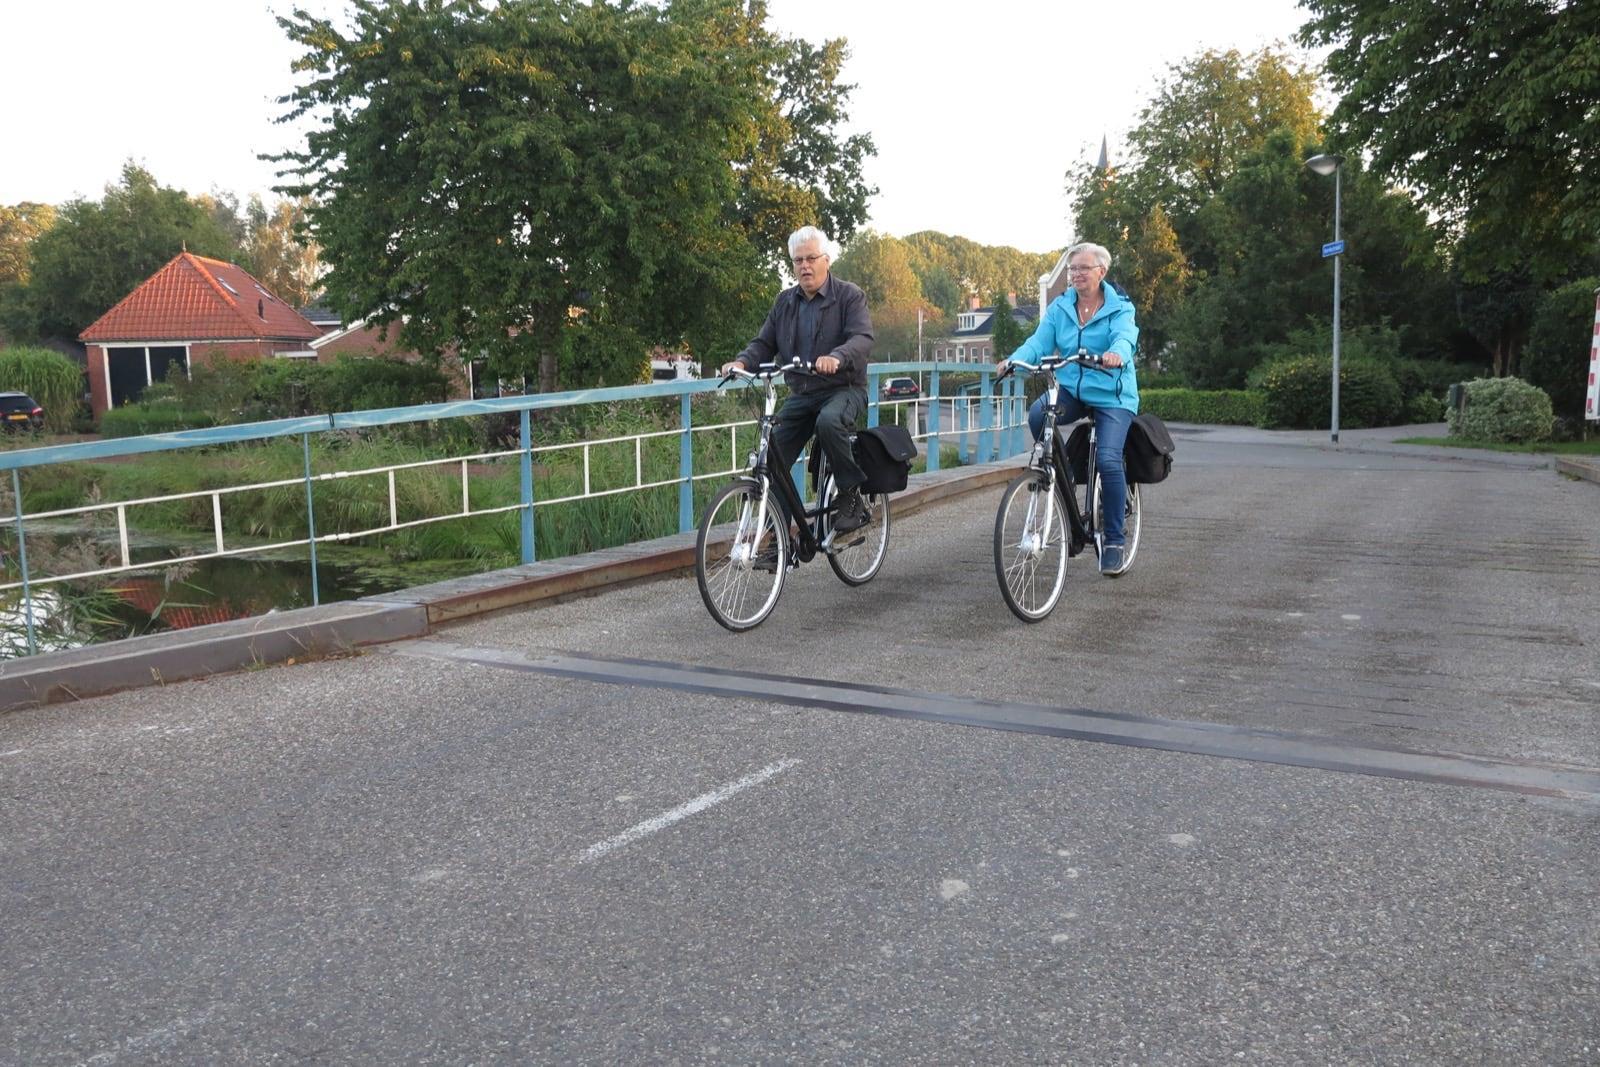 et-fiets-en-fietser-65-fam.-kits-oi.jpg